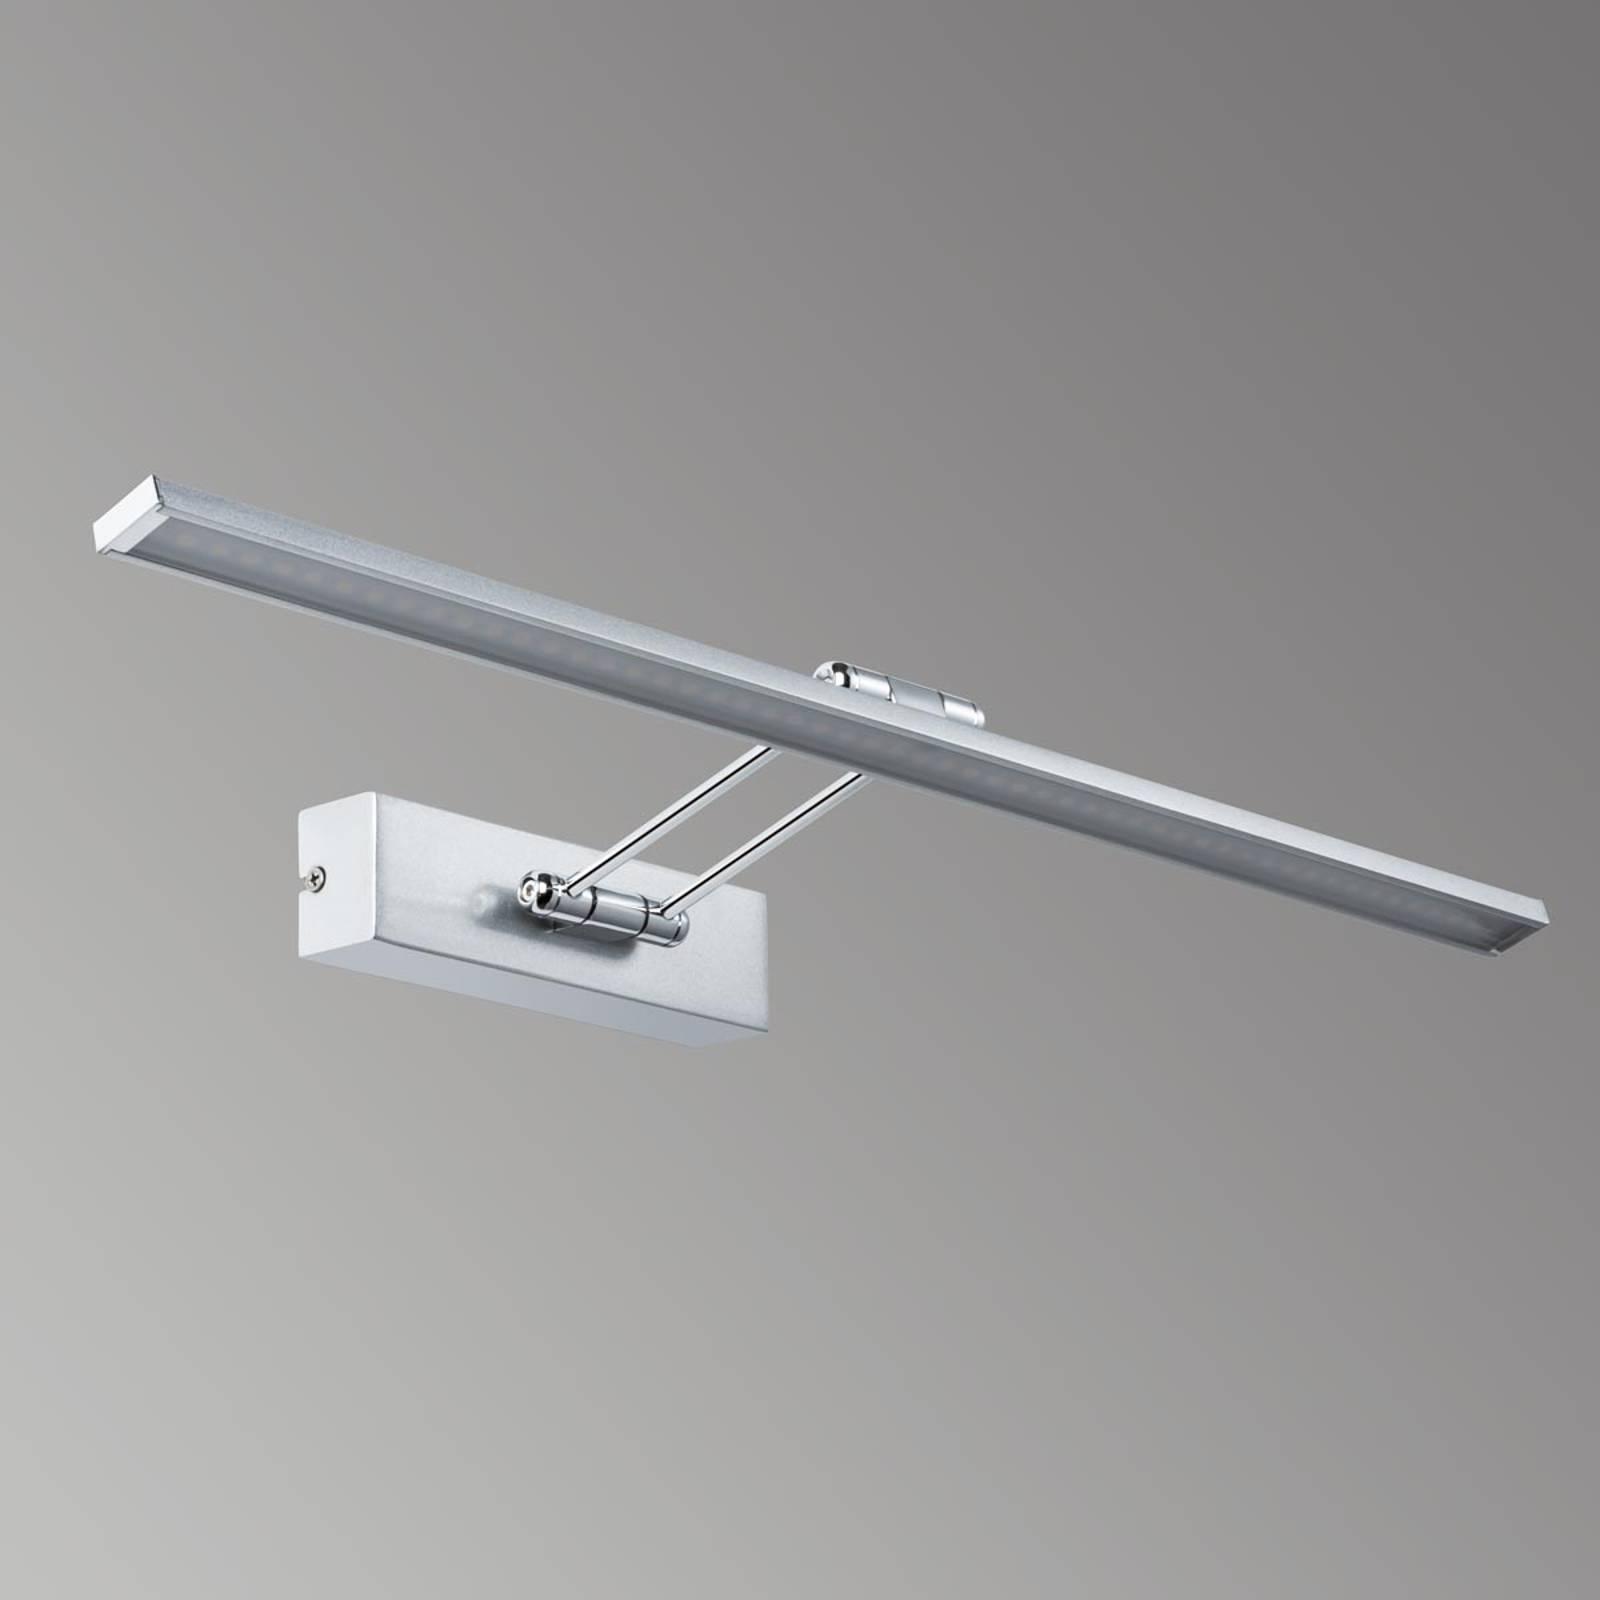 Applique LED Galeria Beam Sixty, nickel